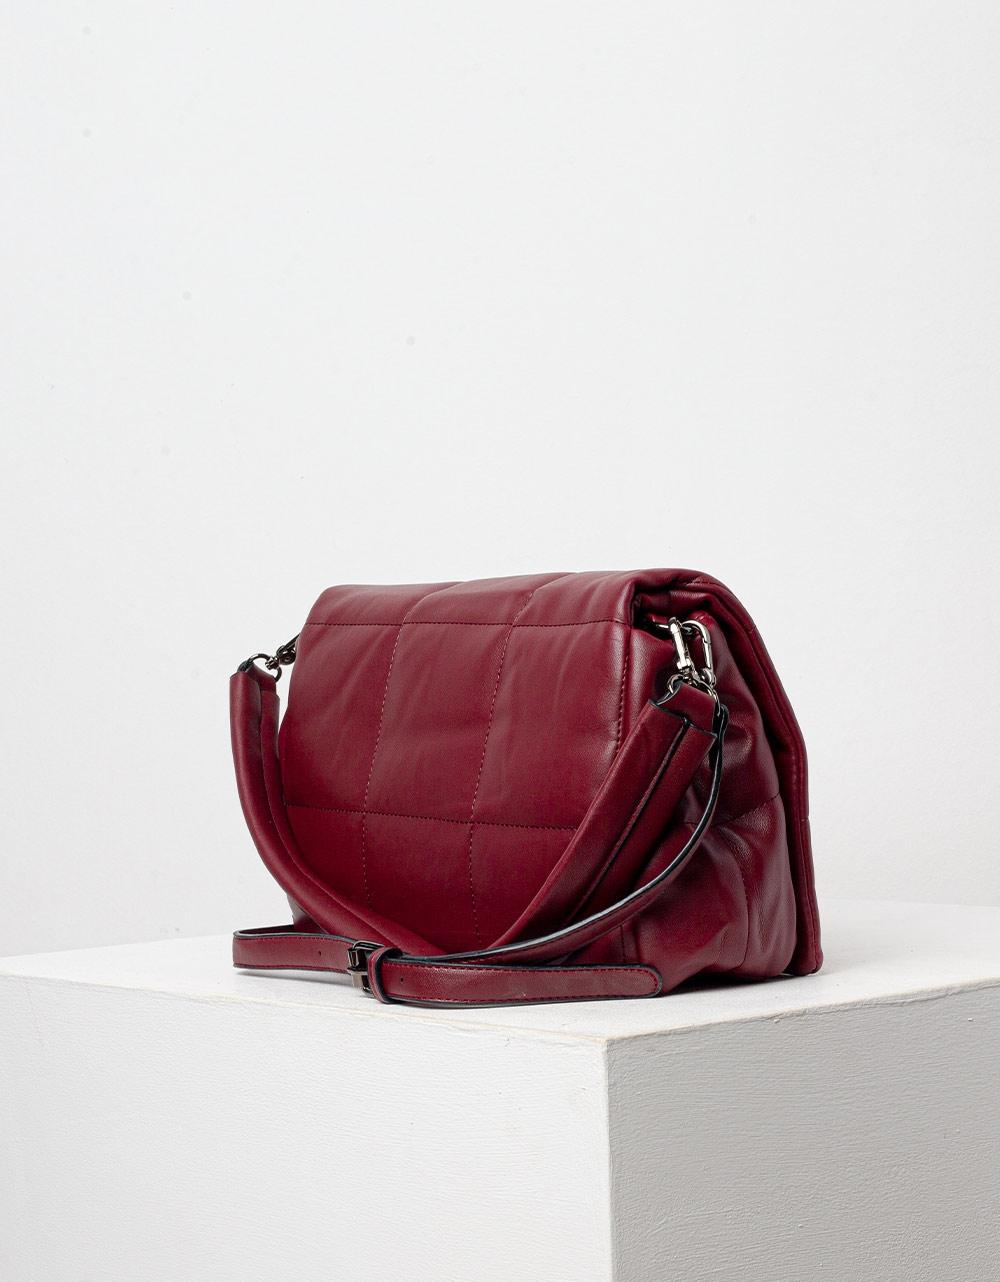 Εικόνα από Γυναικεία τσάντα ώμου με διακοσμητικές ραφές Μπορντώ